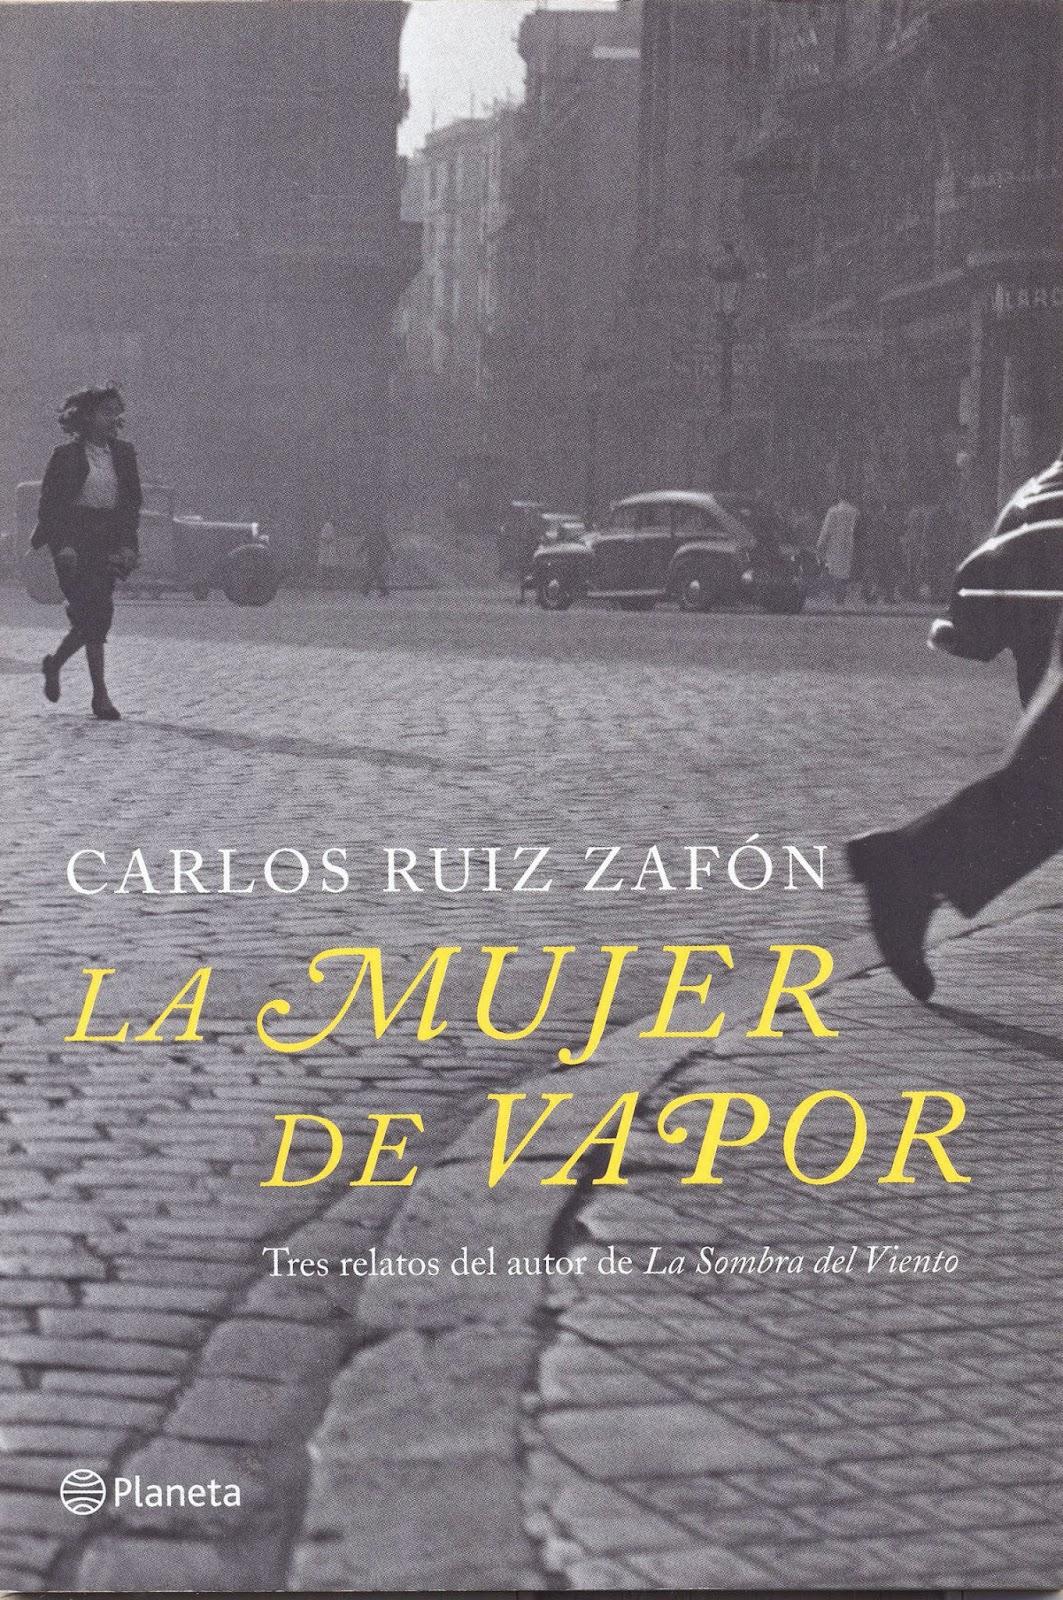 Rincón Revuelto: Relatos Inéditos - Carlos Ruiz Zafón